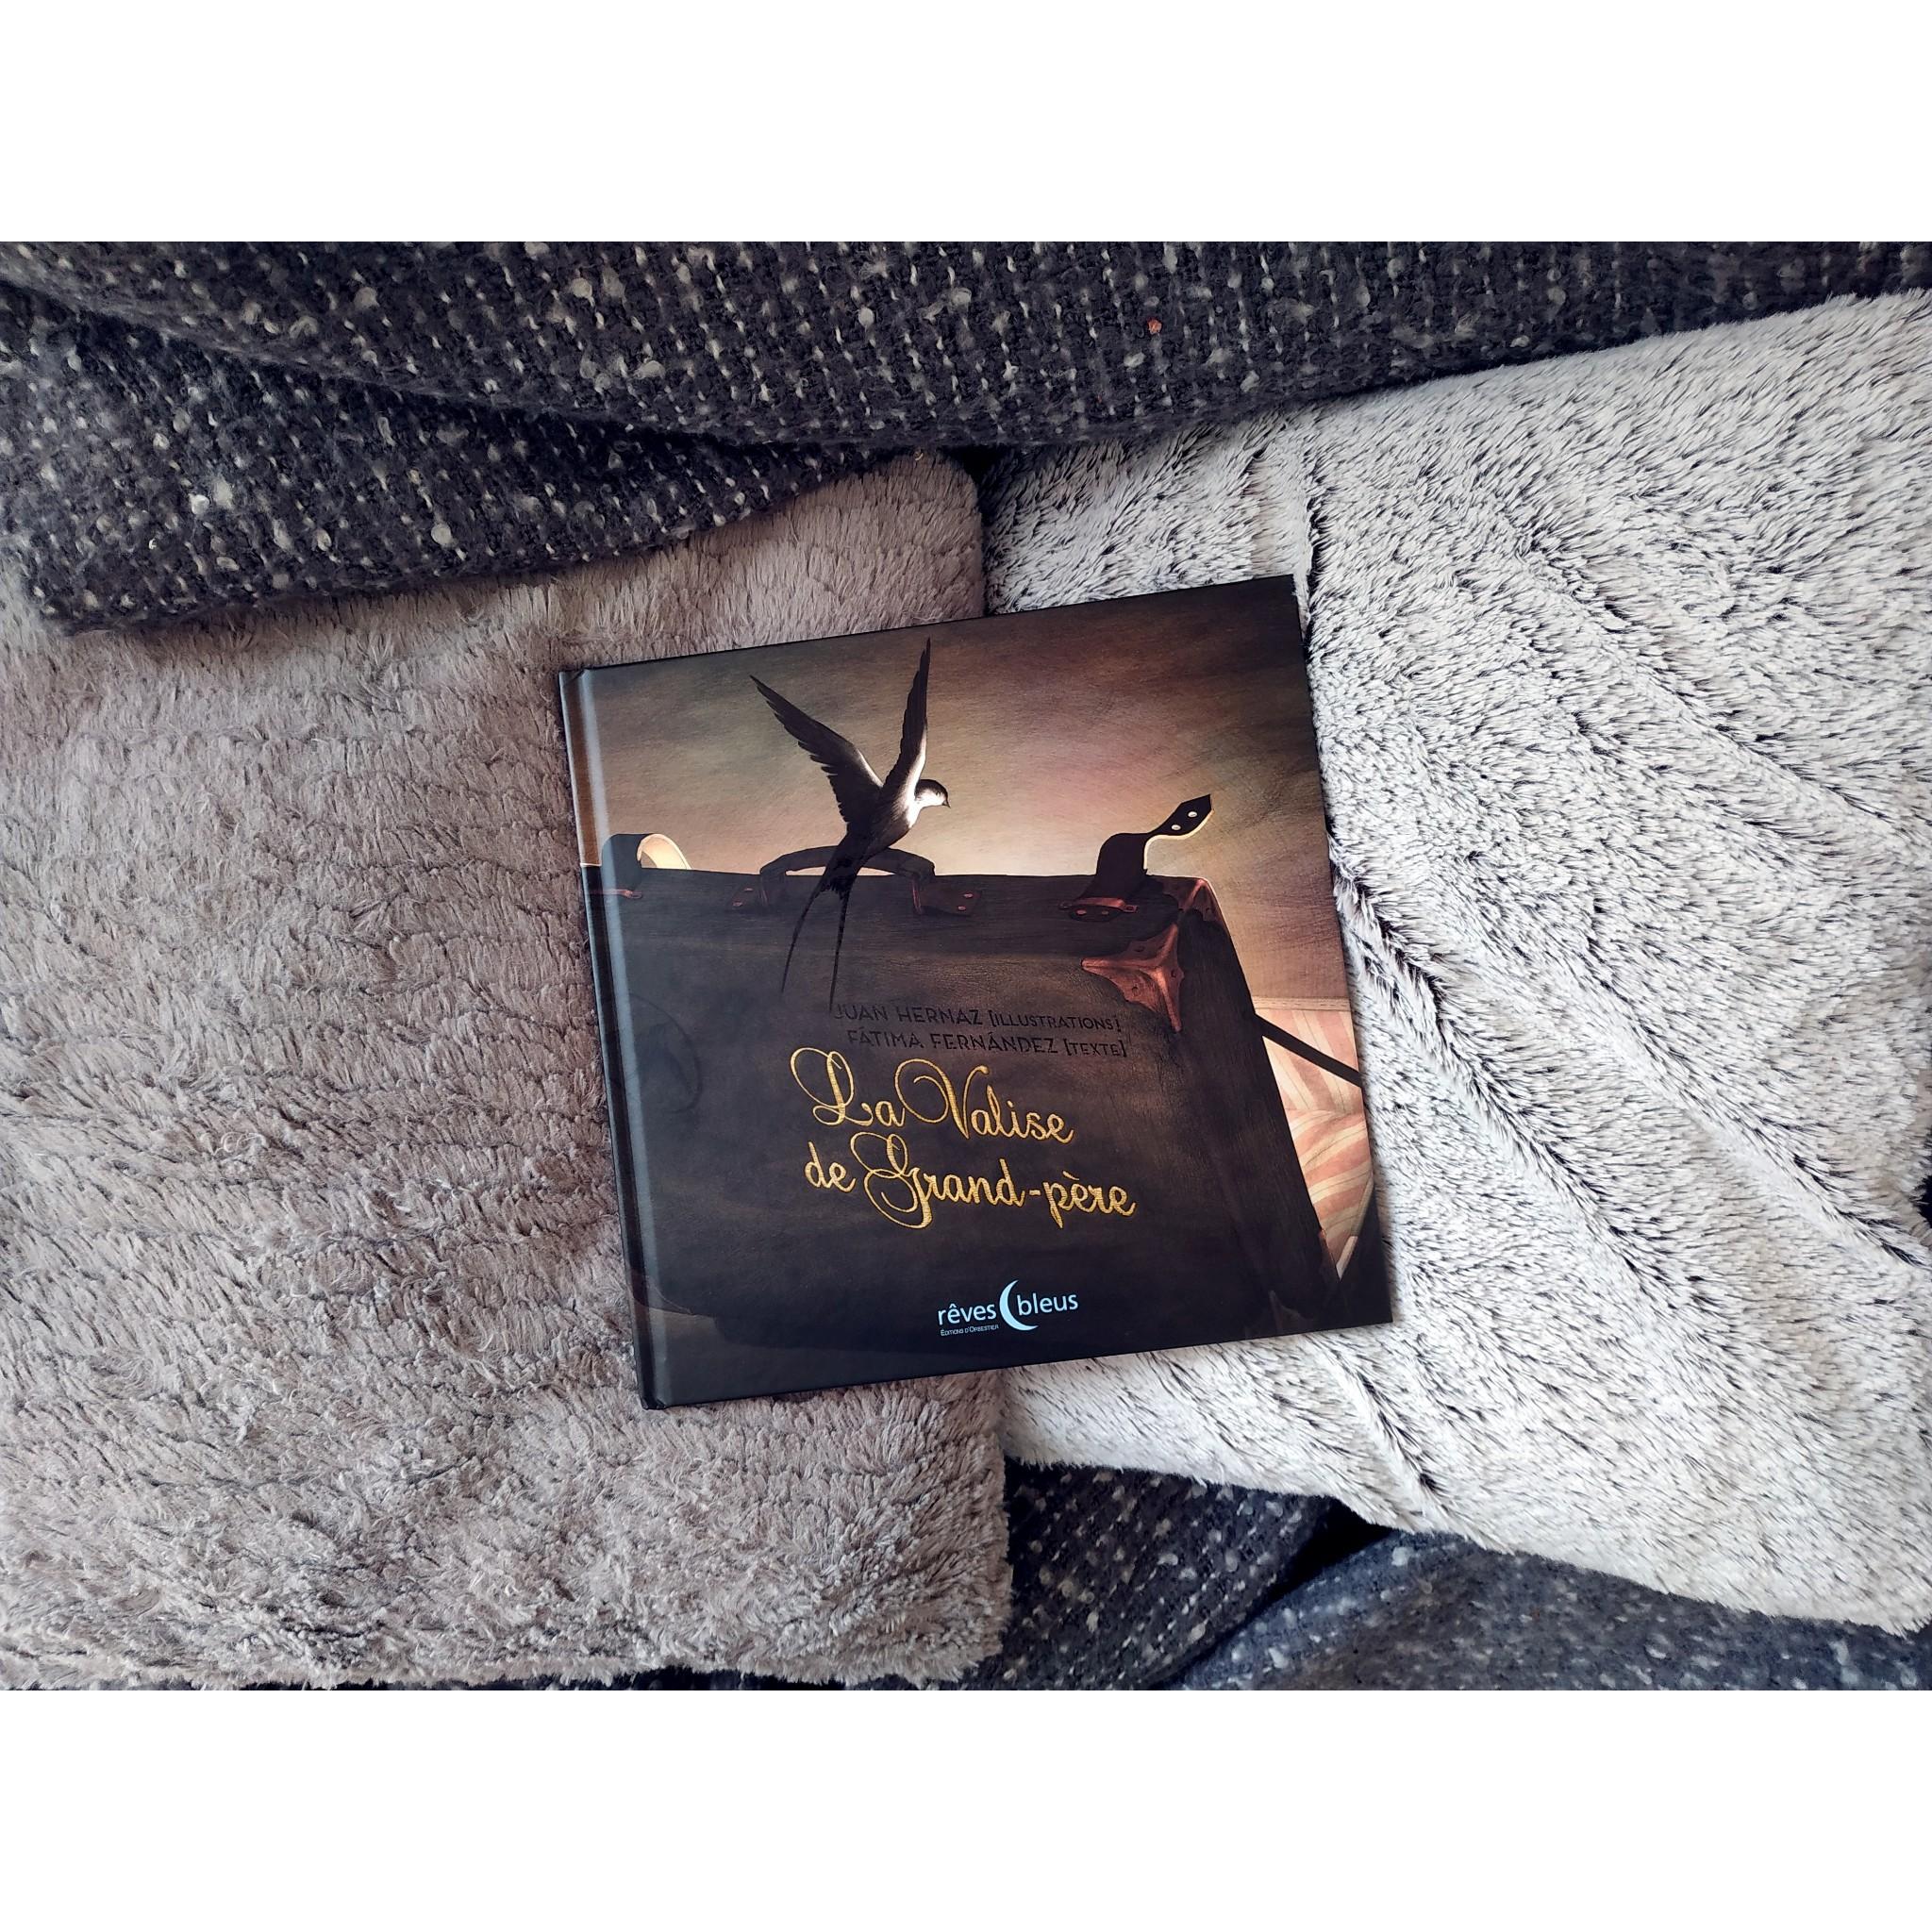 Chronique de l'album  La valise de grand-père